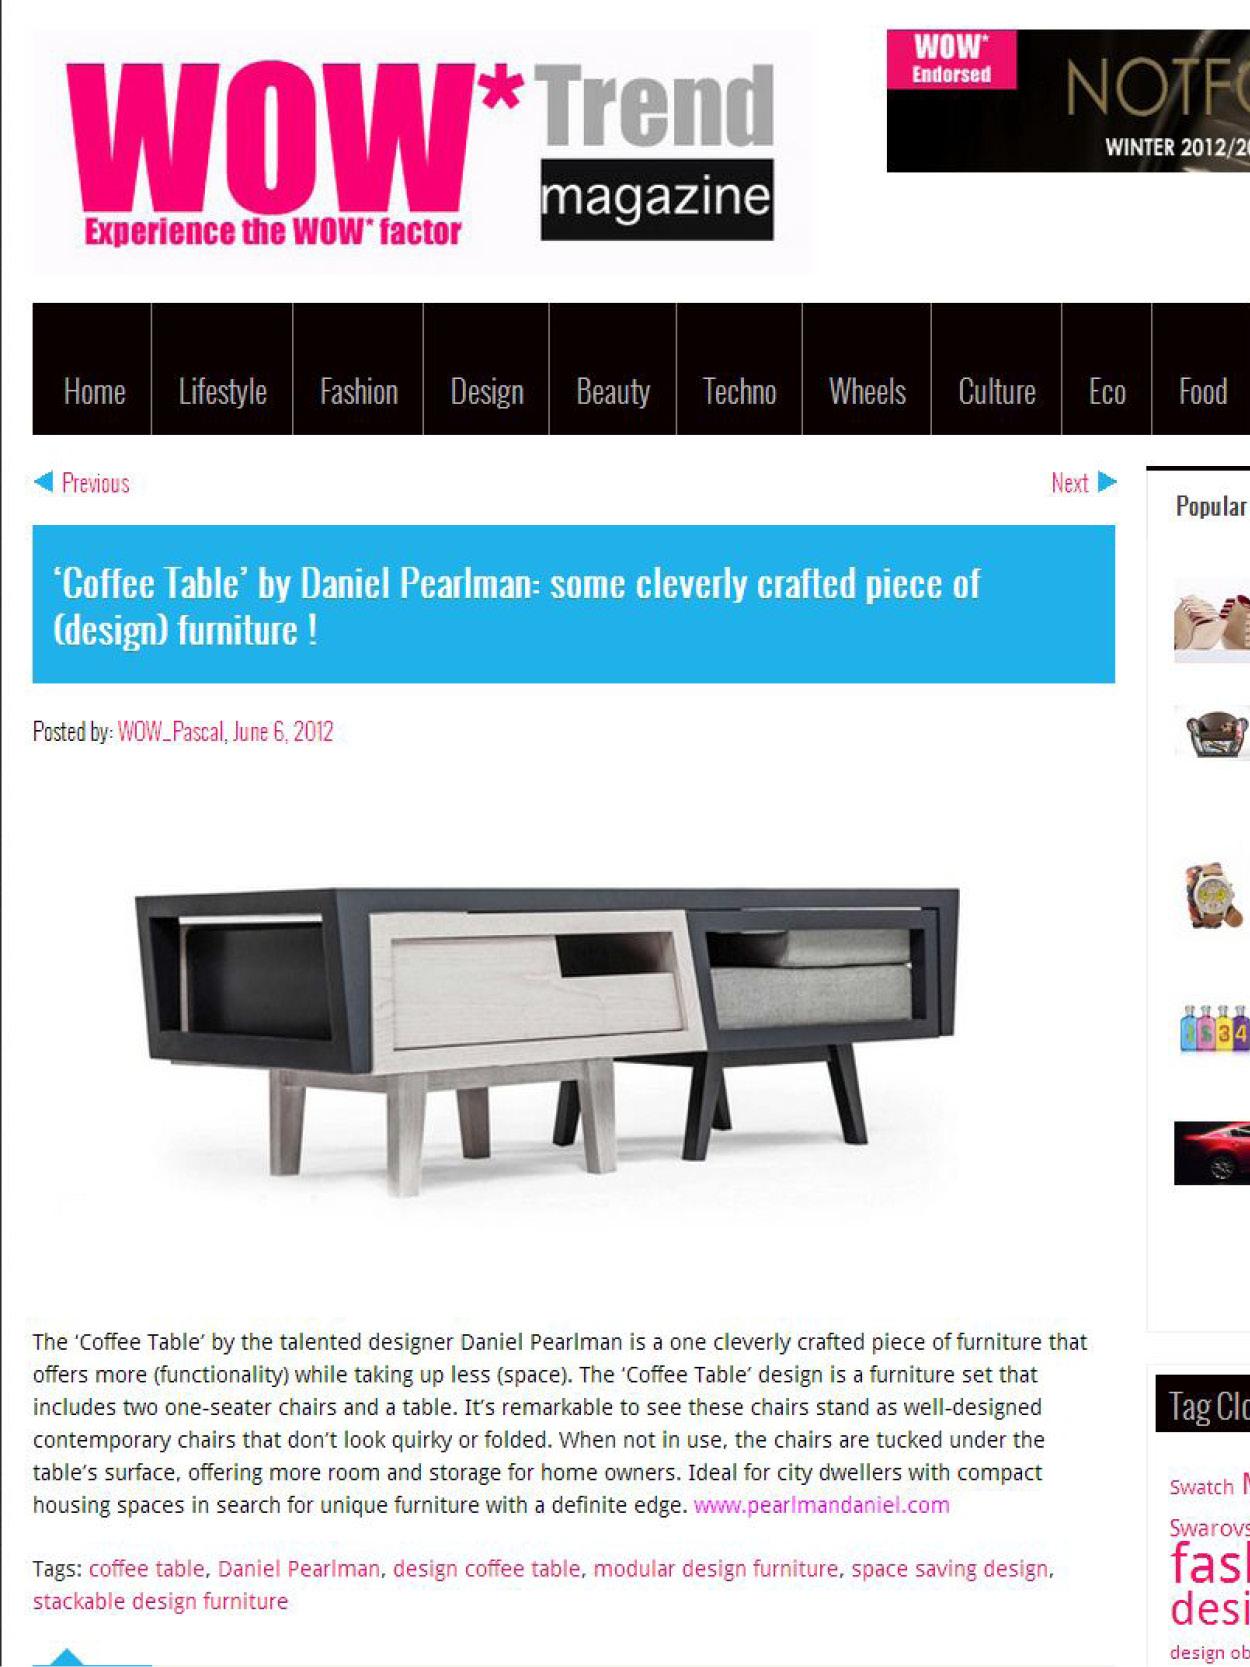 פיתוח ועיצוב מוצרים - דניאל פרלמן, עיצוב מוצר, עיצוב תעשייתי,ספסל ציבורי